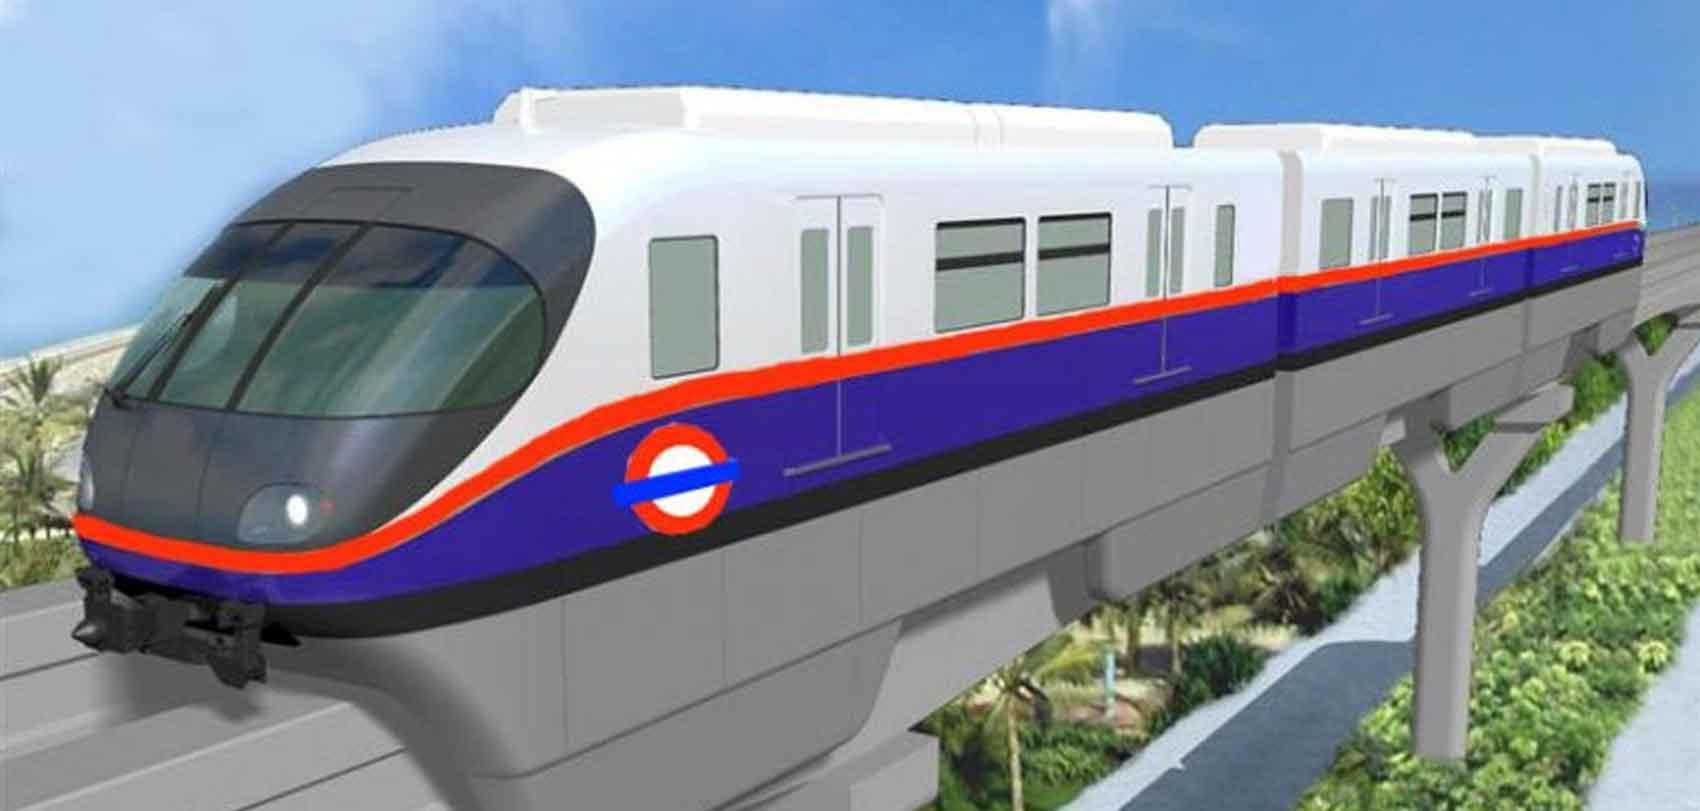 काठमाडौंमा 'स्काई रेल' चलाउन चीनको प्रस्ताव, दुई वर्षमा निर्माण सम्पन्न